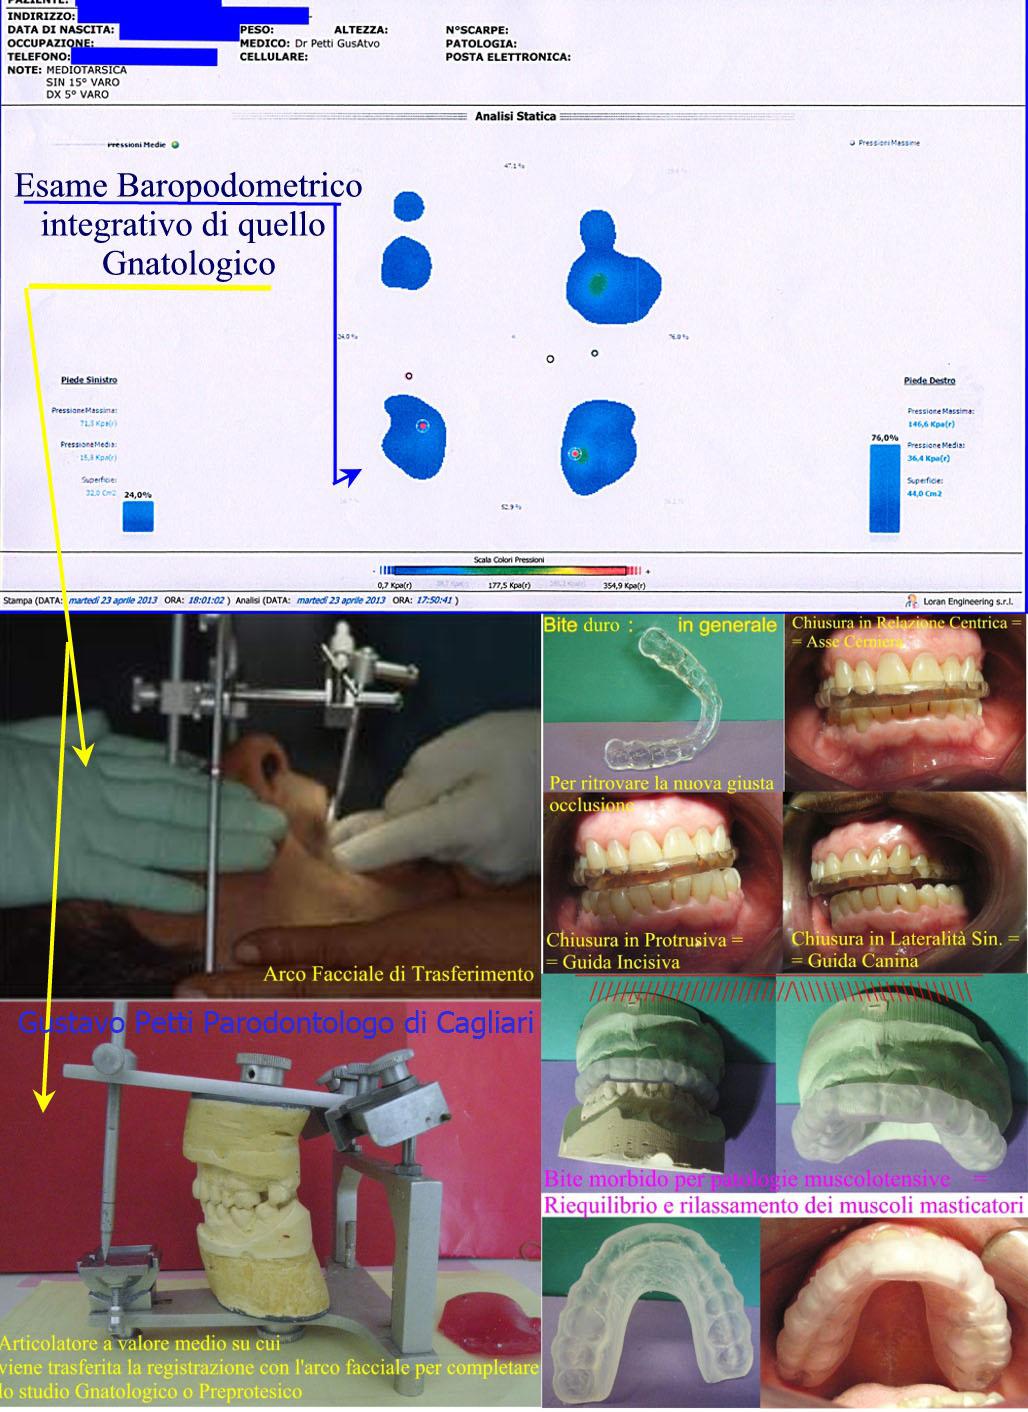 Dr.Gustavo Petti Parodontologo Gnatologo e Riabilitazione Orale in Casi Clinici Complessi, di Cagliari. Arco Facciale di Trasferimento, Stabilometria computerizzata e vari tipi di Bite Plane